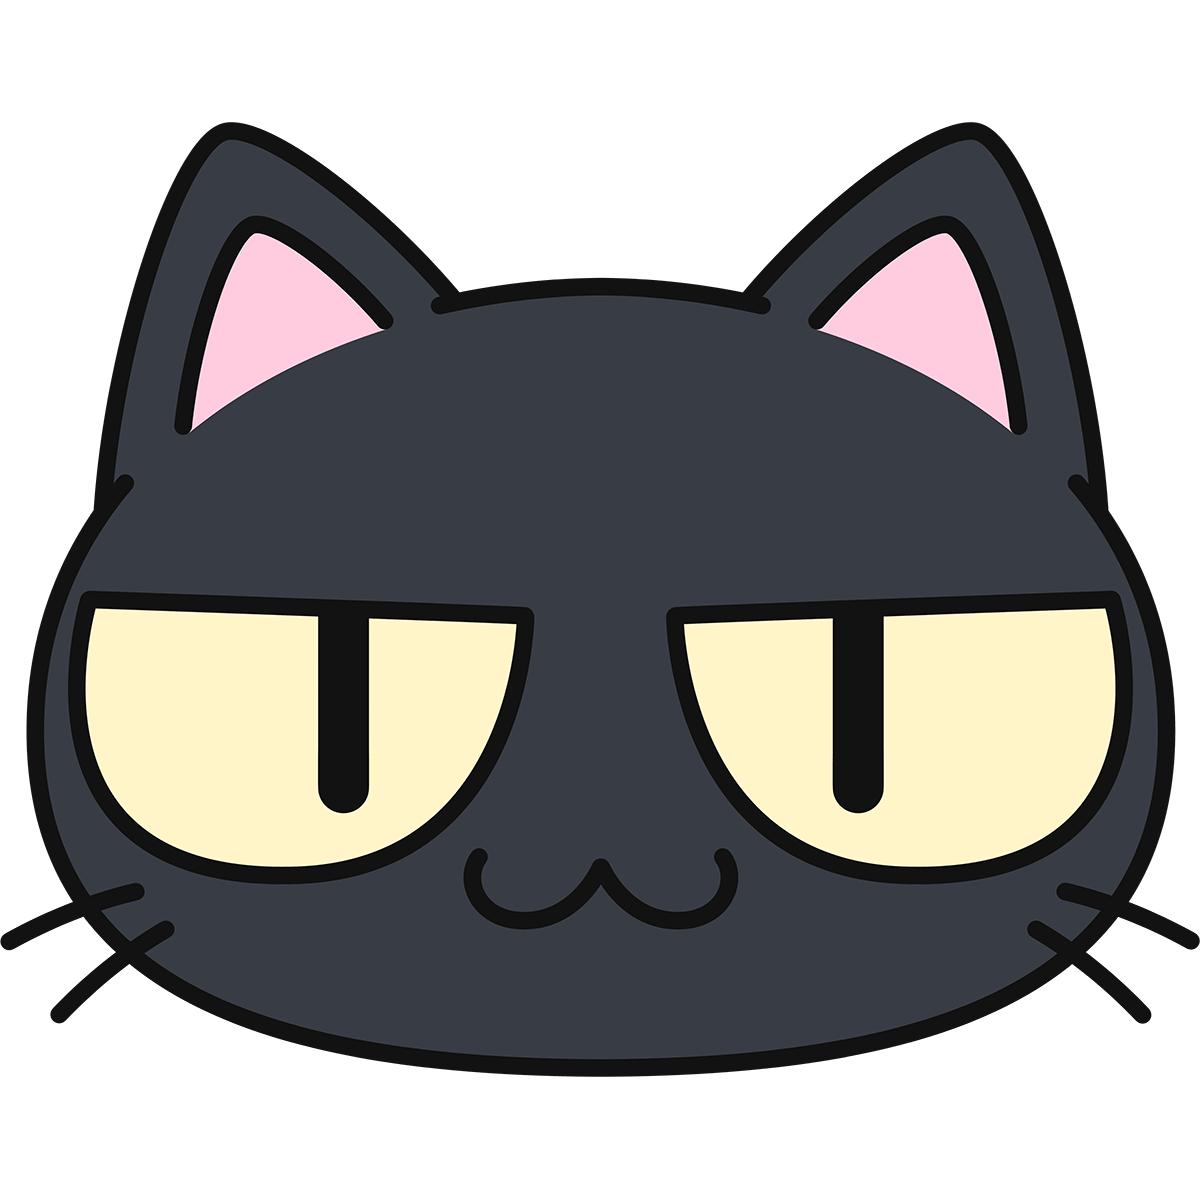 黒猫の顔(猫目)の無料イラスト